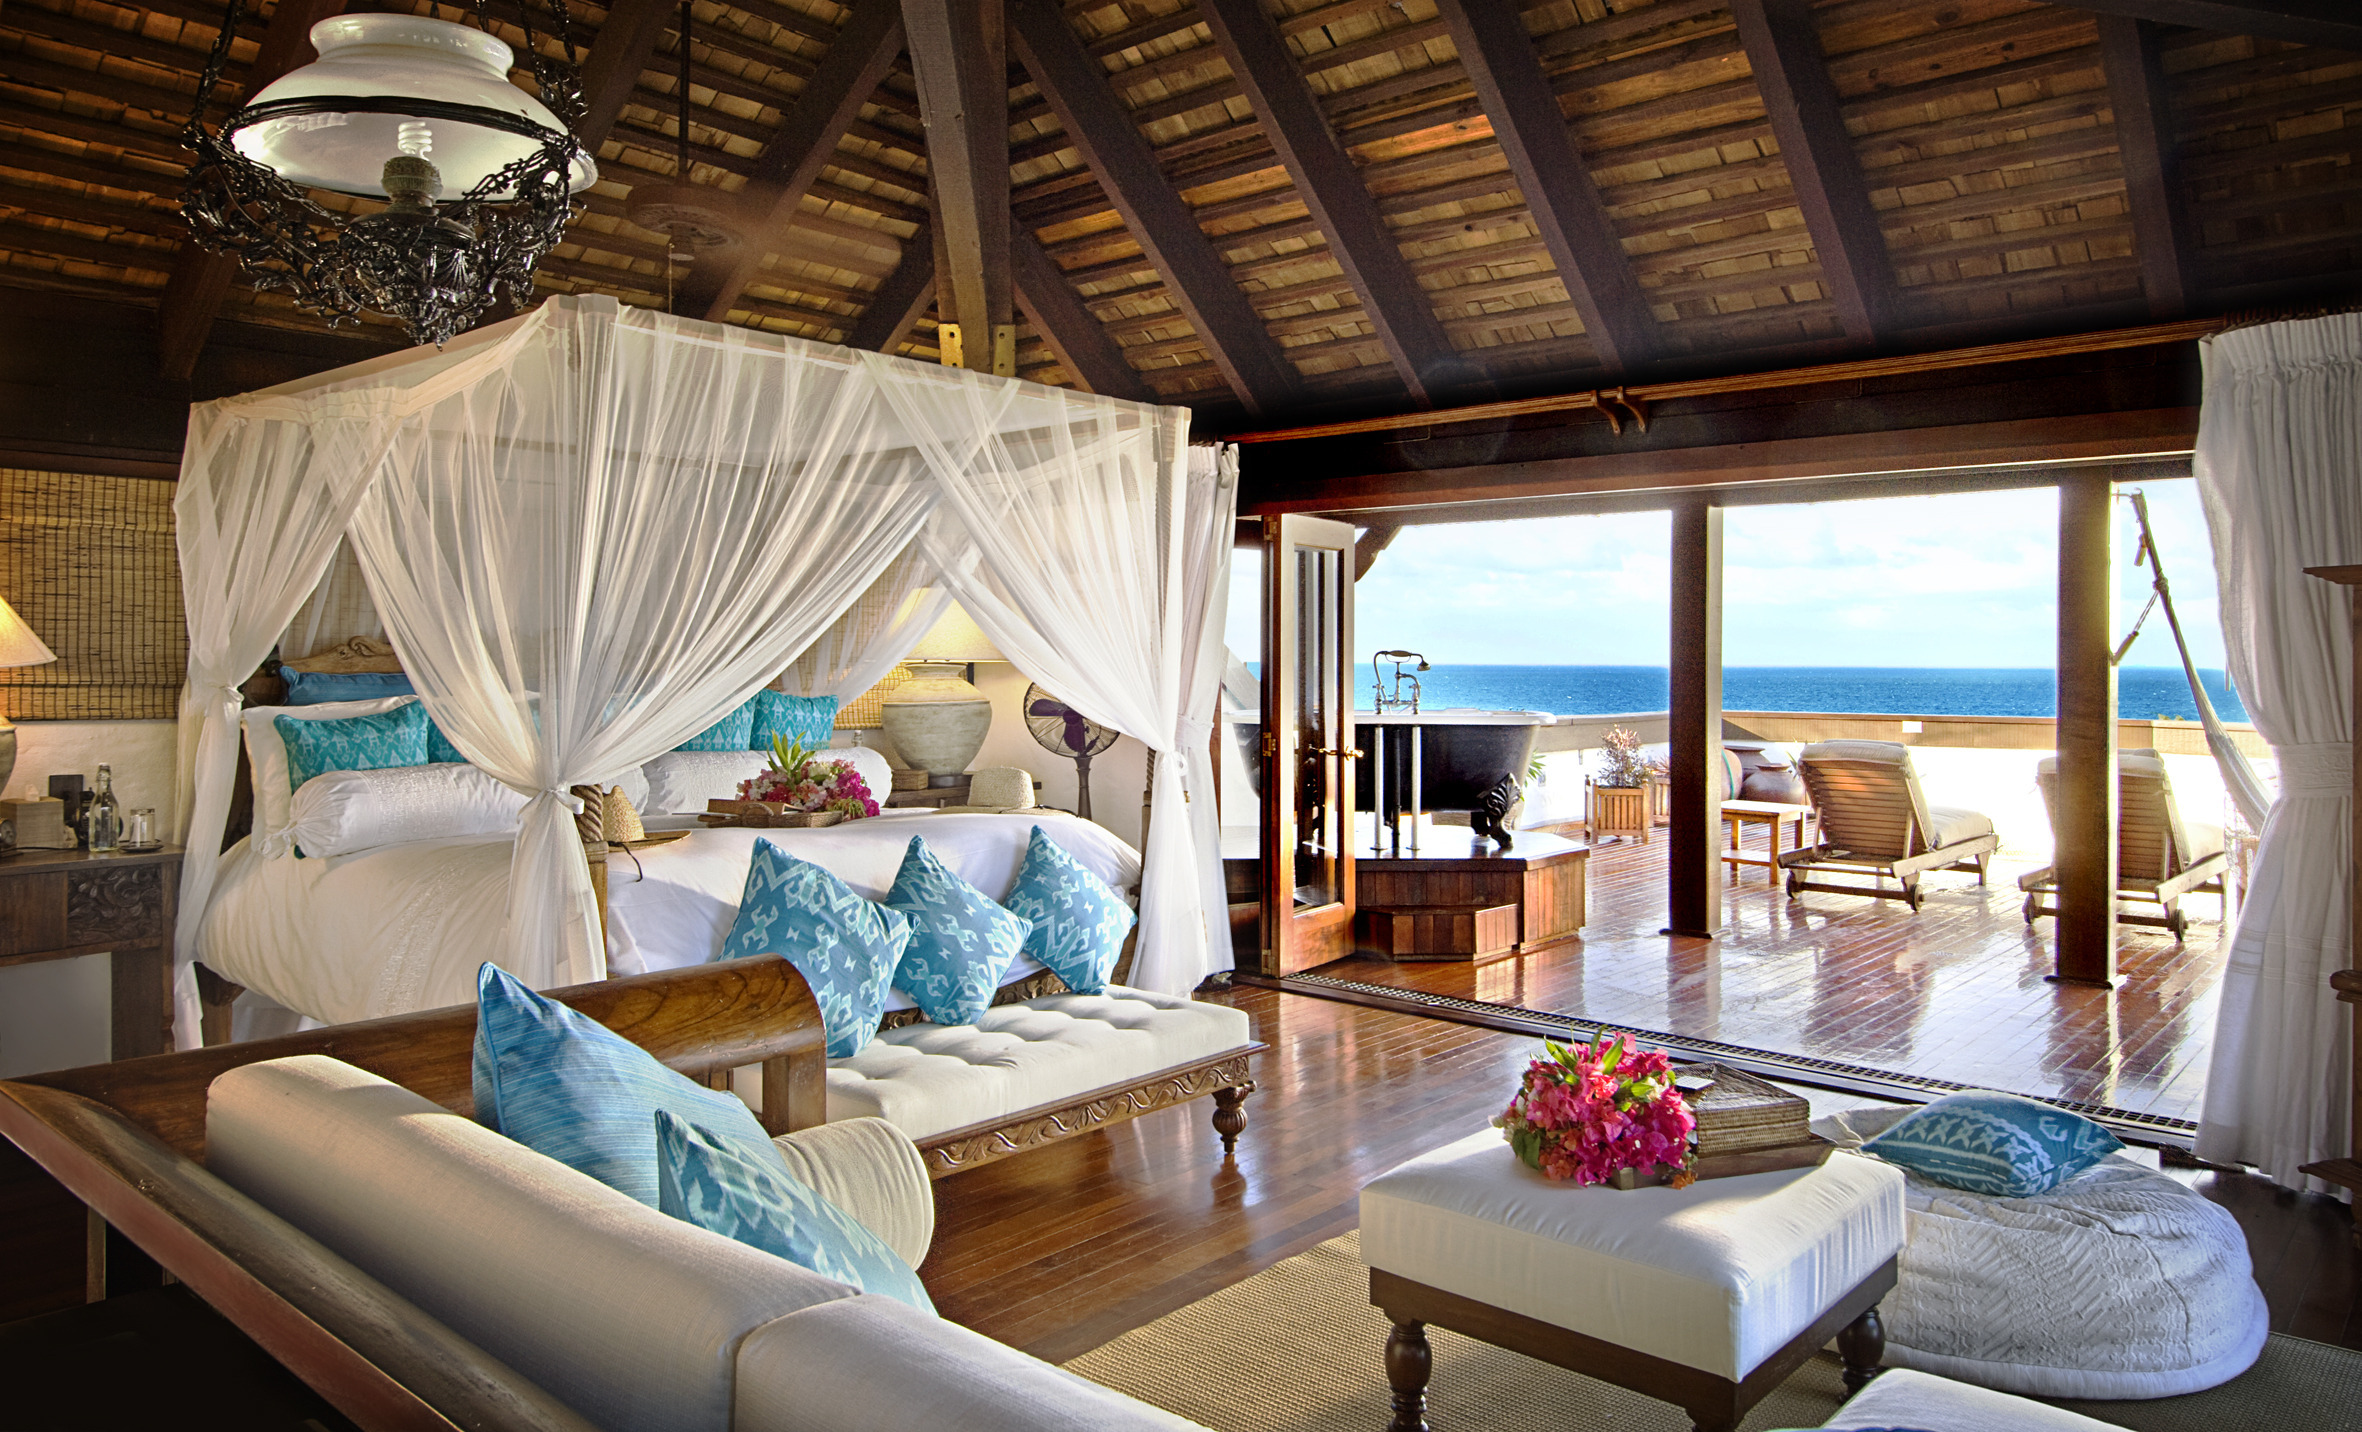 Tropical Bedroom With Bath Tub On The Terrace Myhouseidea